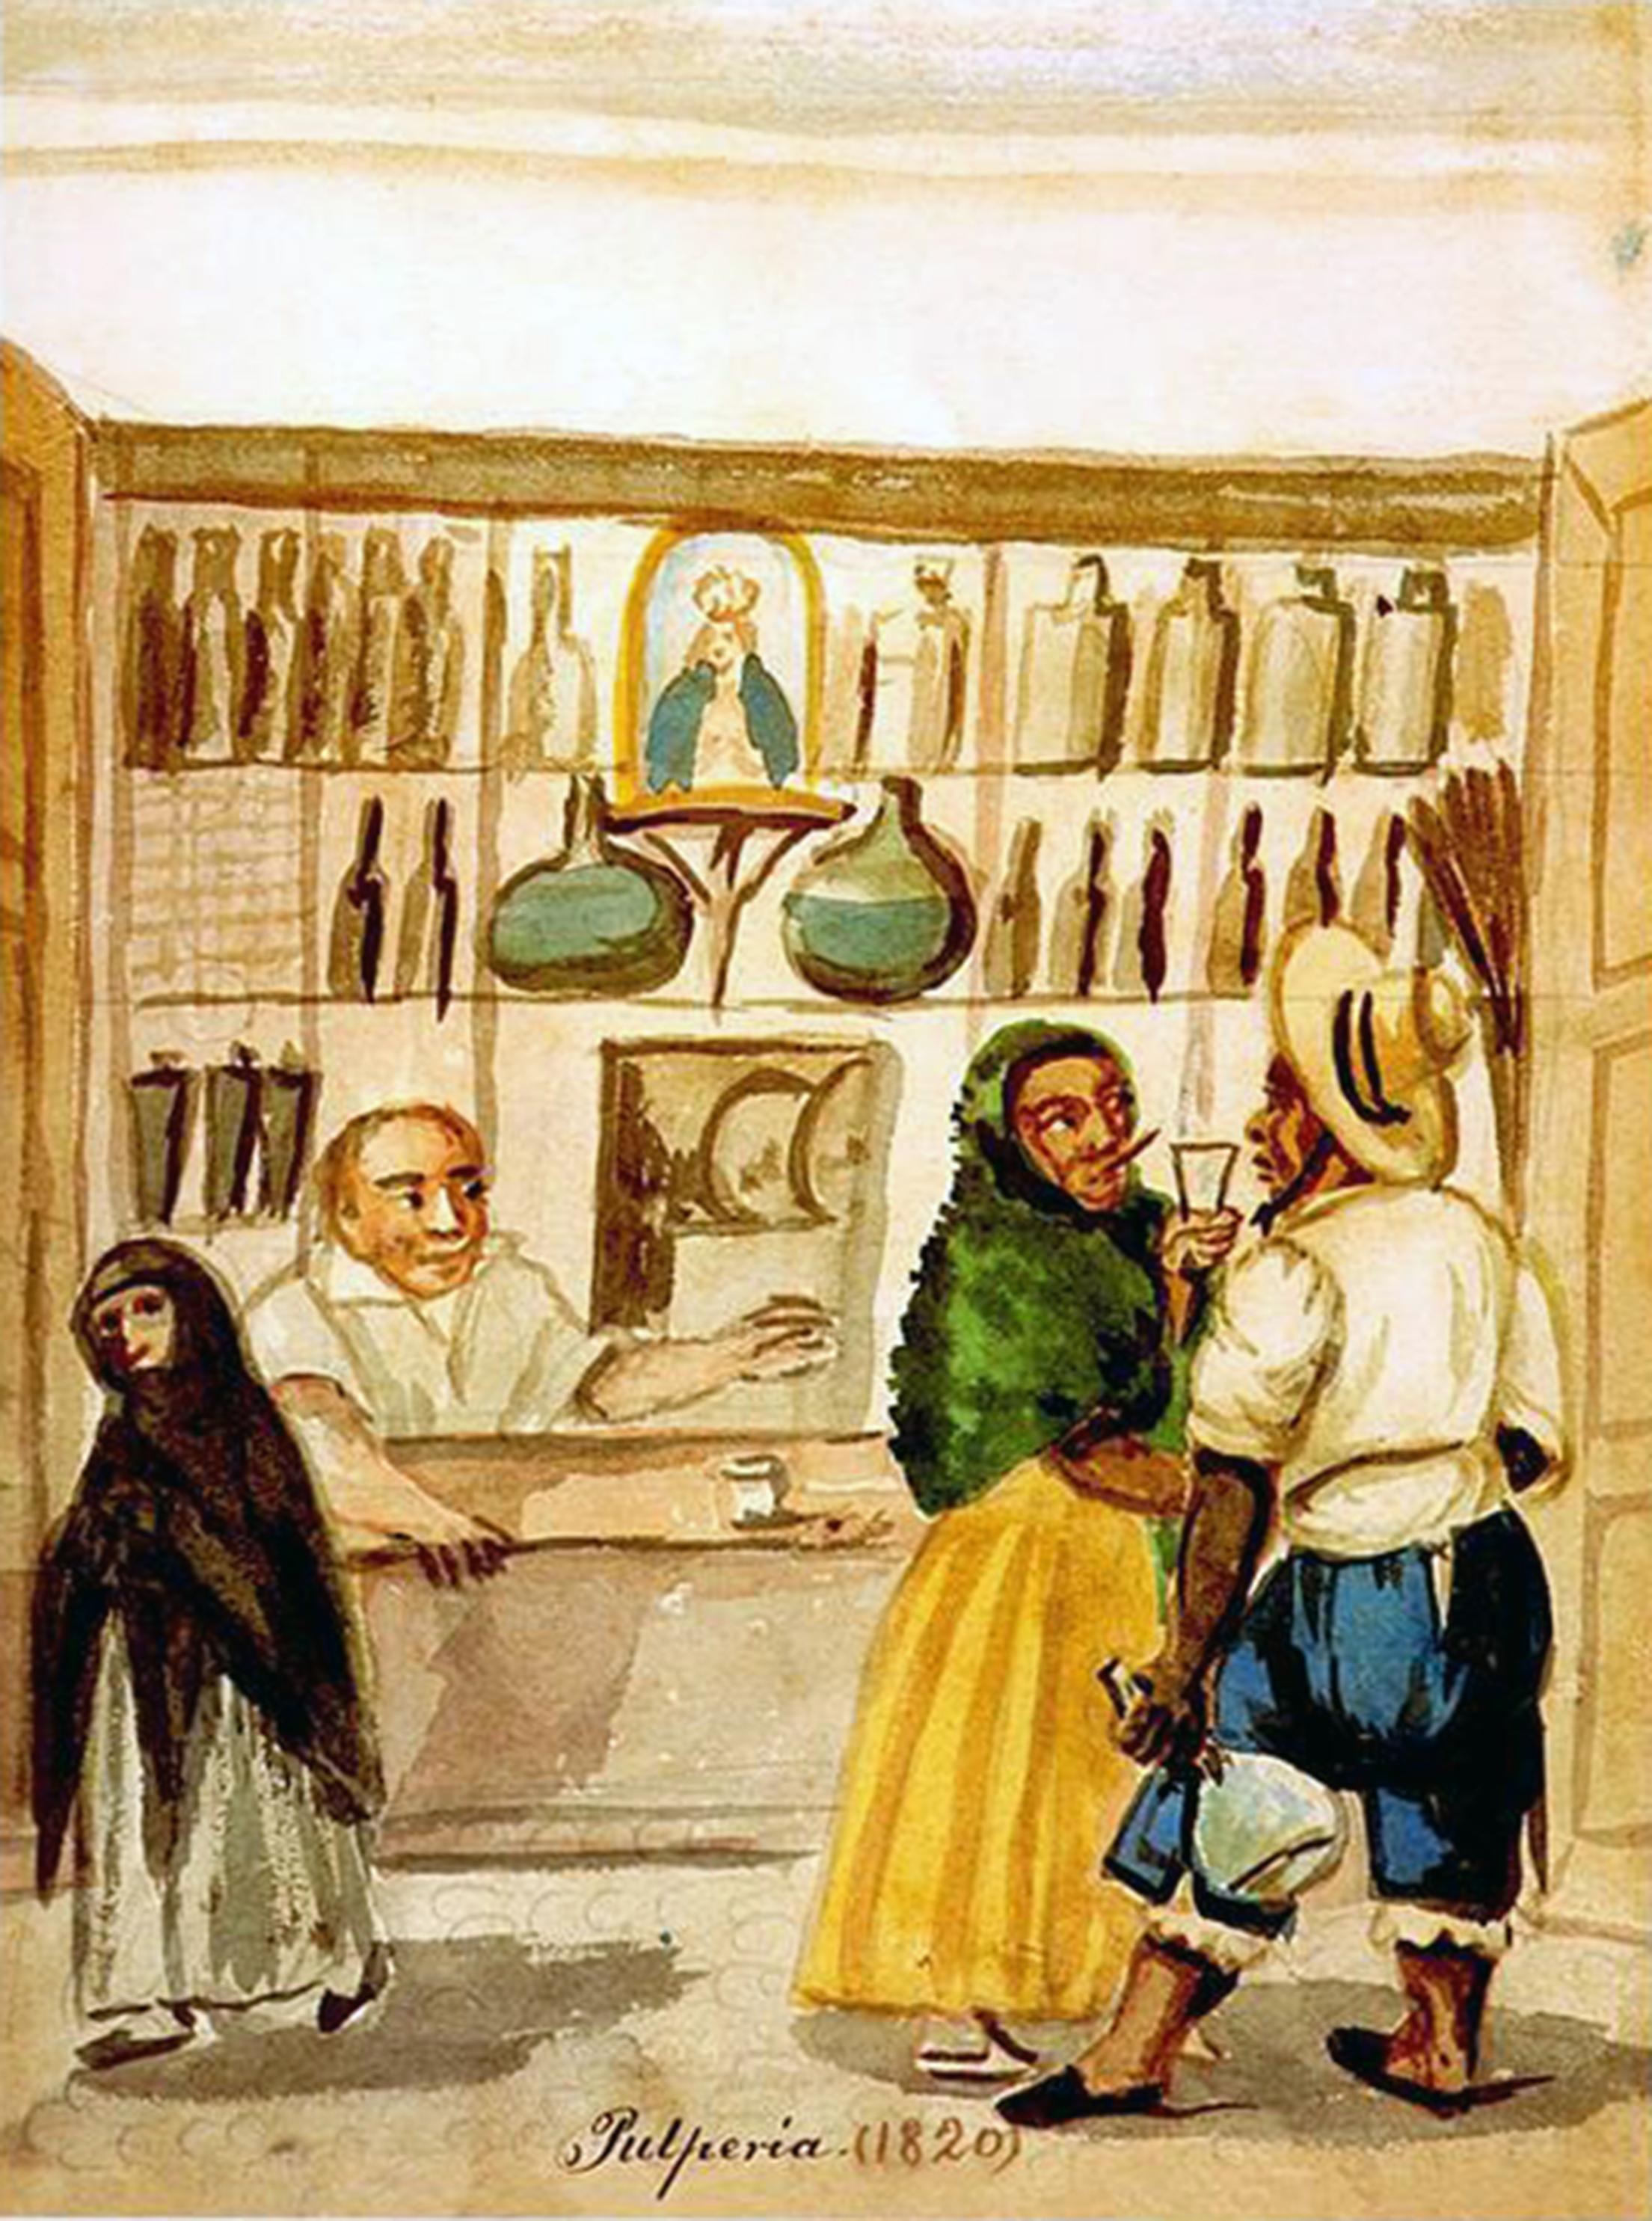 Pulpería - Wikipedia, la enciclopedia libre